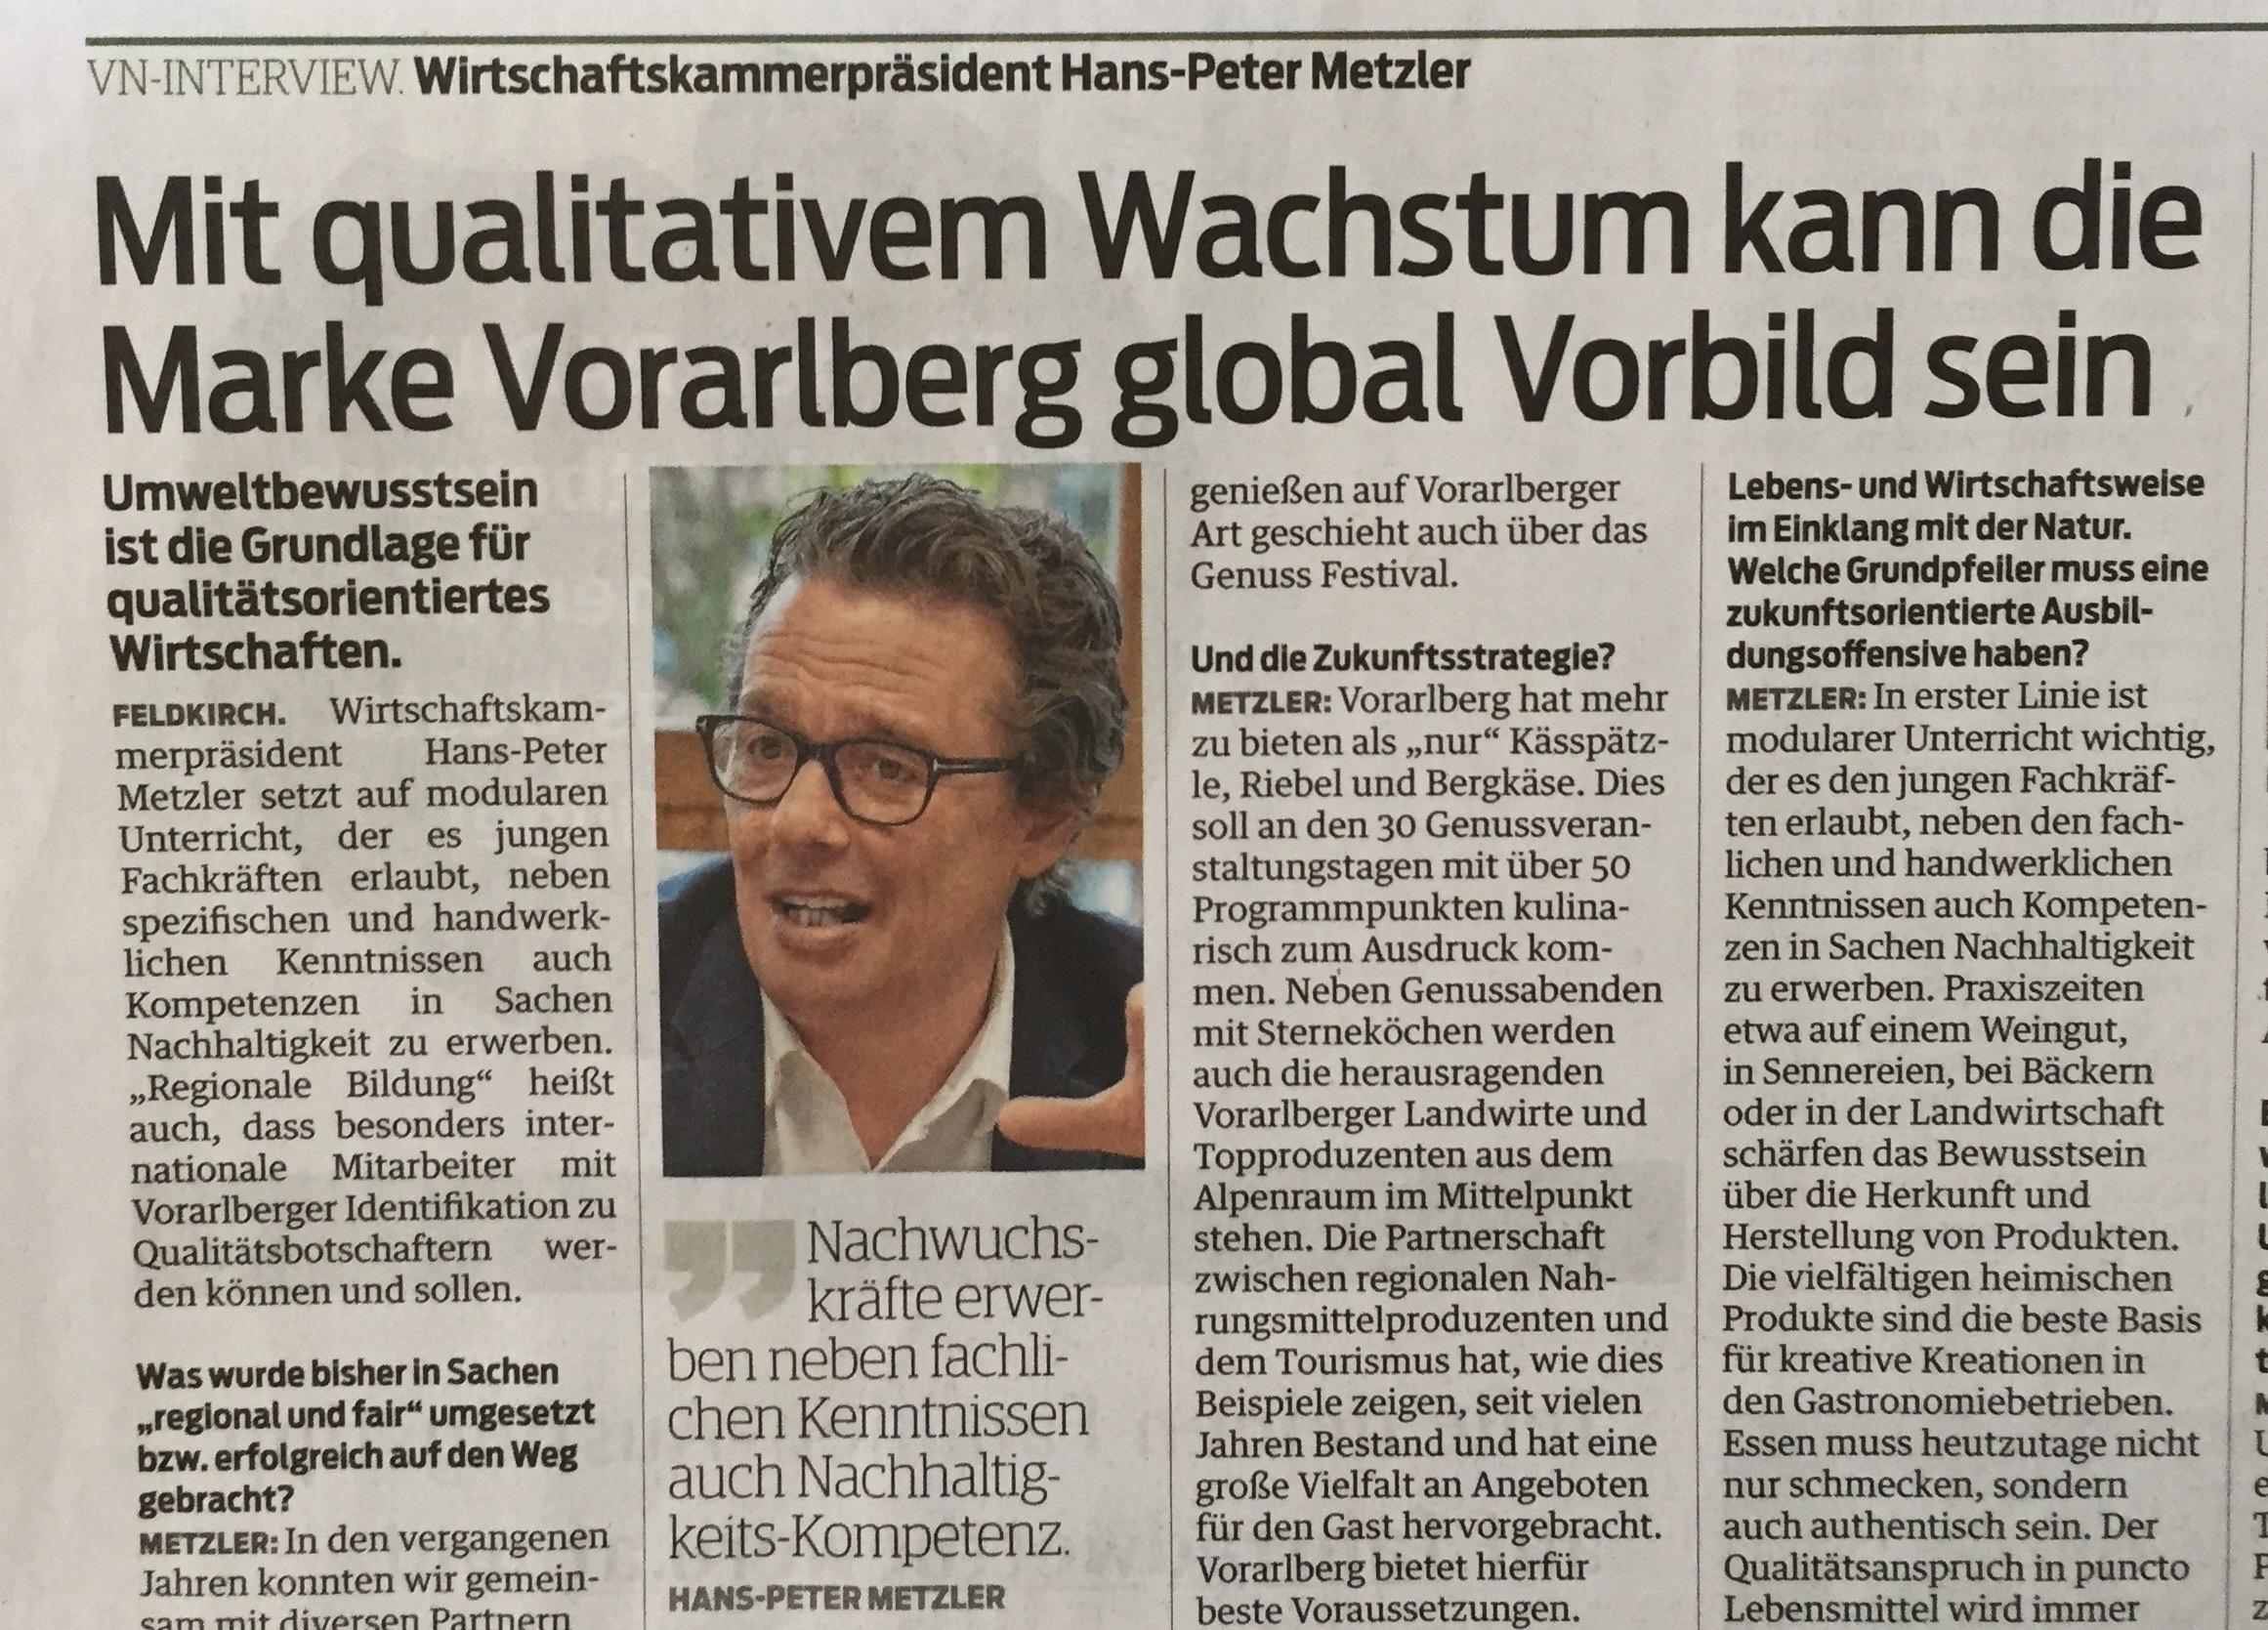 """Wirtschaftskammerpräsident in Vorarlberg Hans-Peter Metzler: """"Umweltbewusstsein ist die Grundlage für qualitätsorientiertes Wirtschaften!"""" (Verena Daum, Vorarlberger Nachrichten, www.progression.at, Garden Eden Organisation)"""